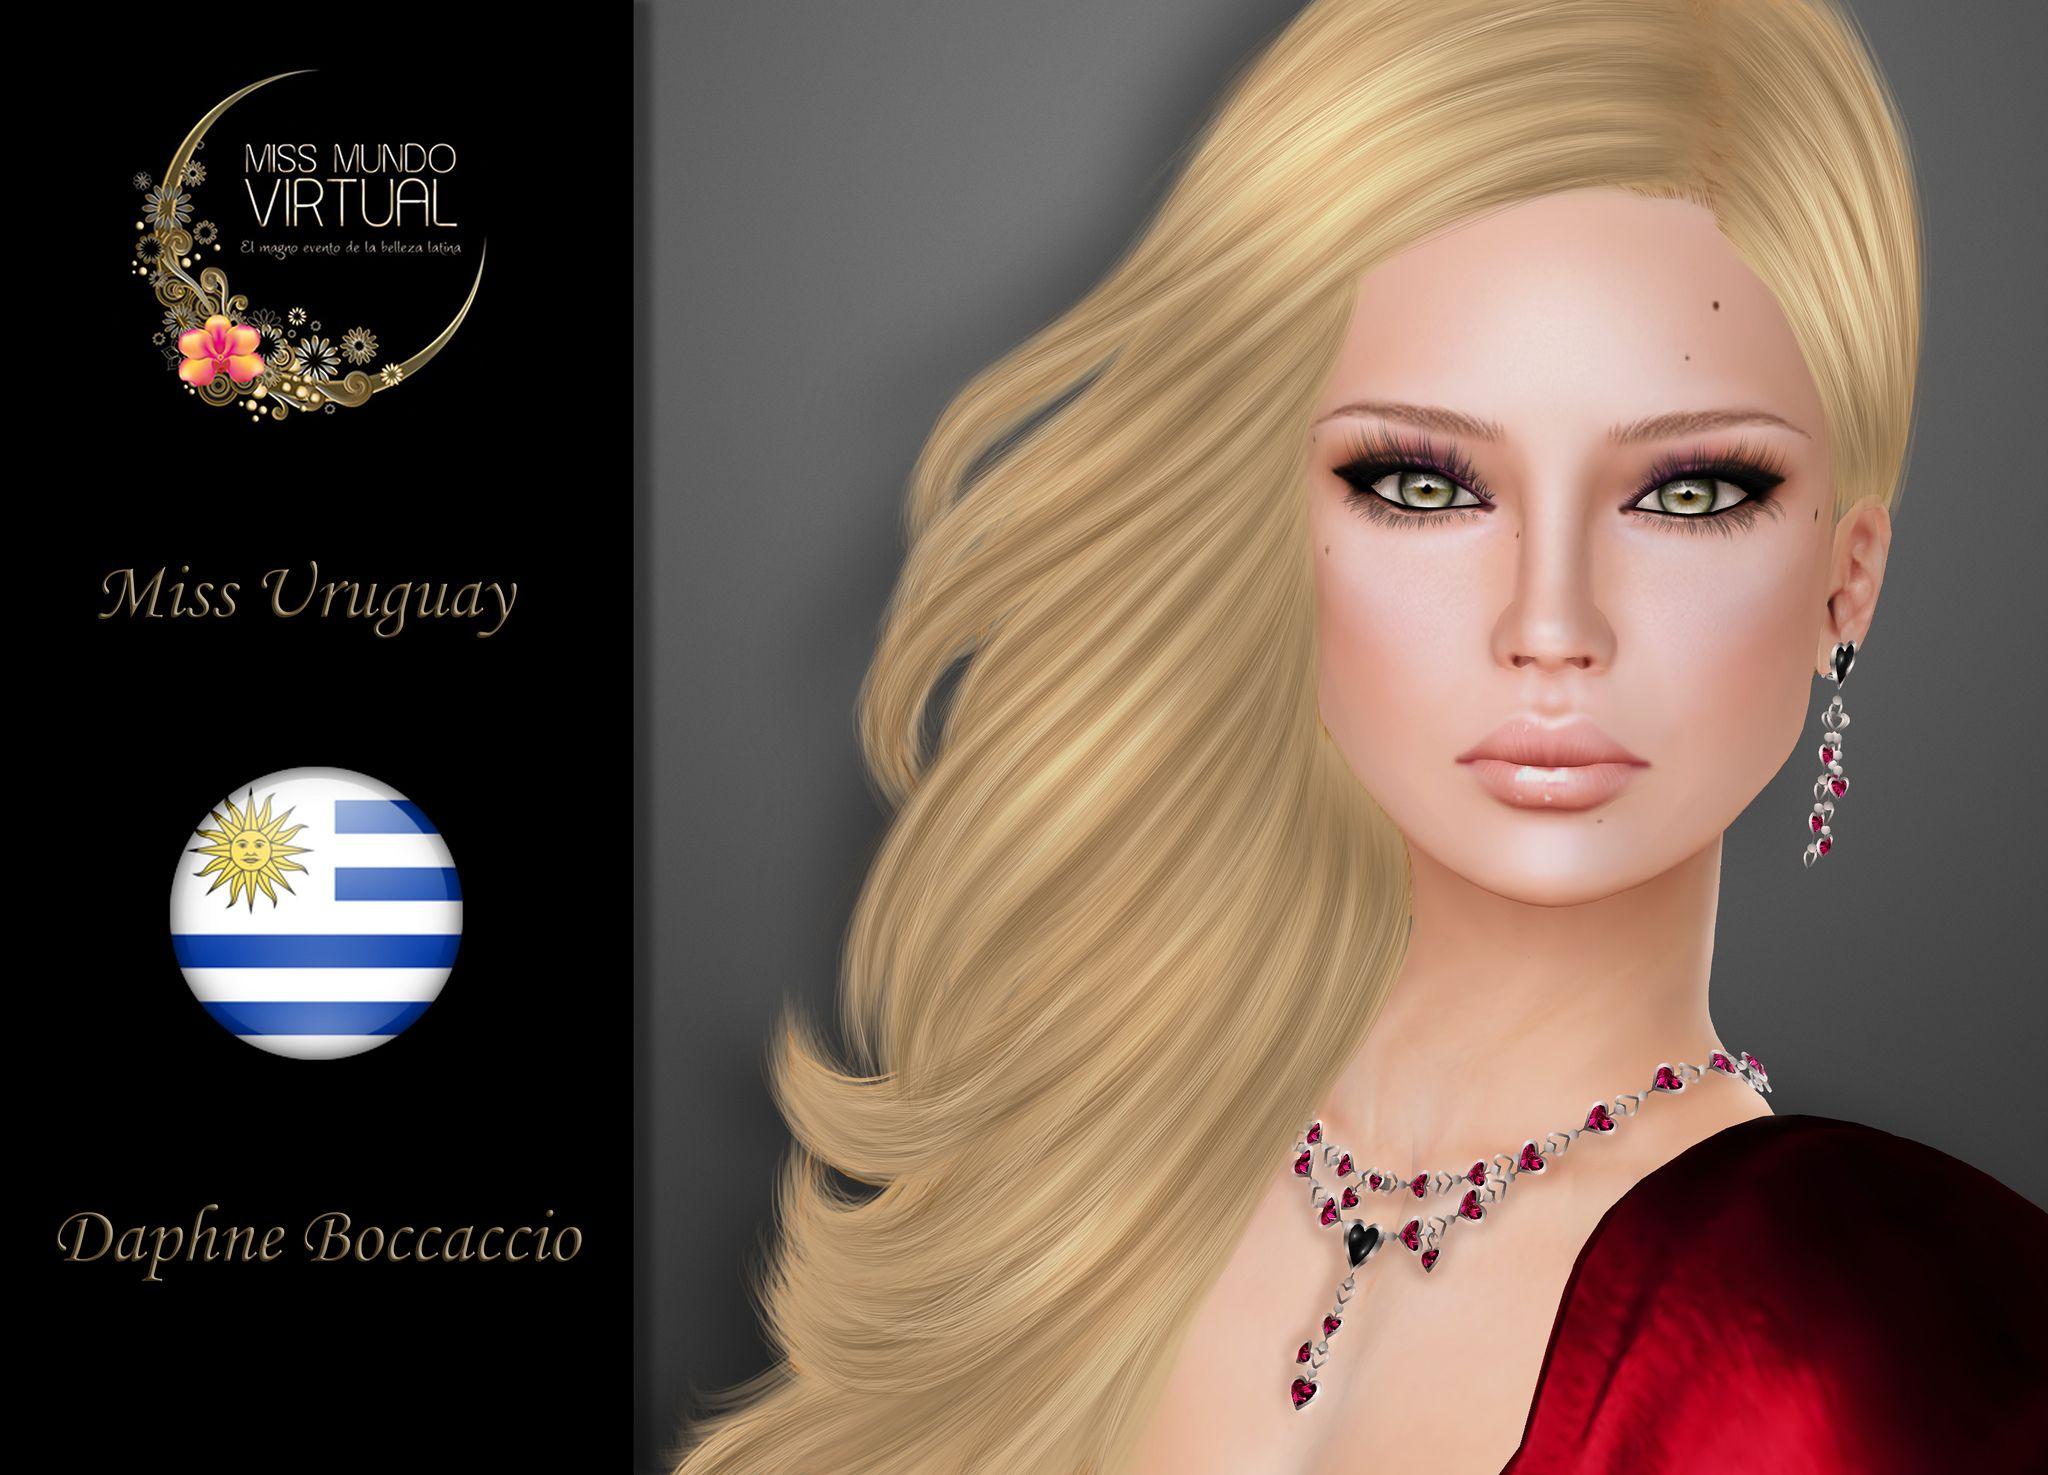 https://flic.kr/p/xiVTmK | Miss Uruguay - Daphne Boccaccio | Aquí están! Tenemos el inmenso honor de presentales a las Candidatas Oficiales a Miss Mundo Virtual 2016, una de ellas será la próxima representante de la Belleza Latina.